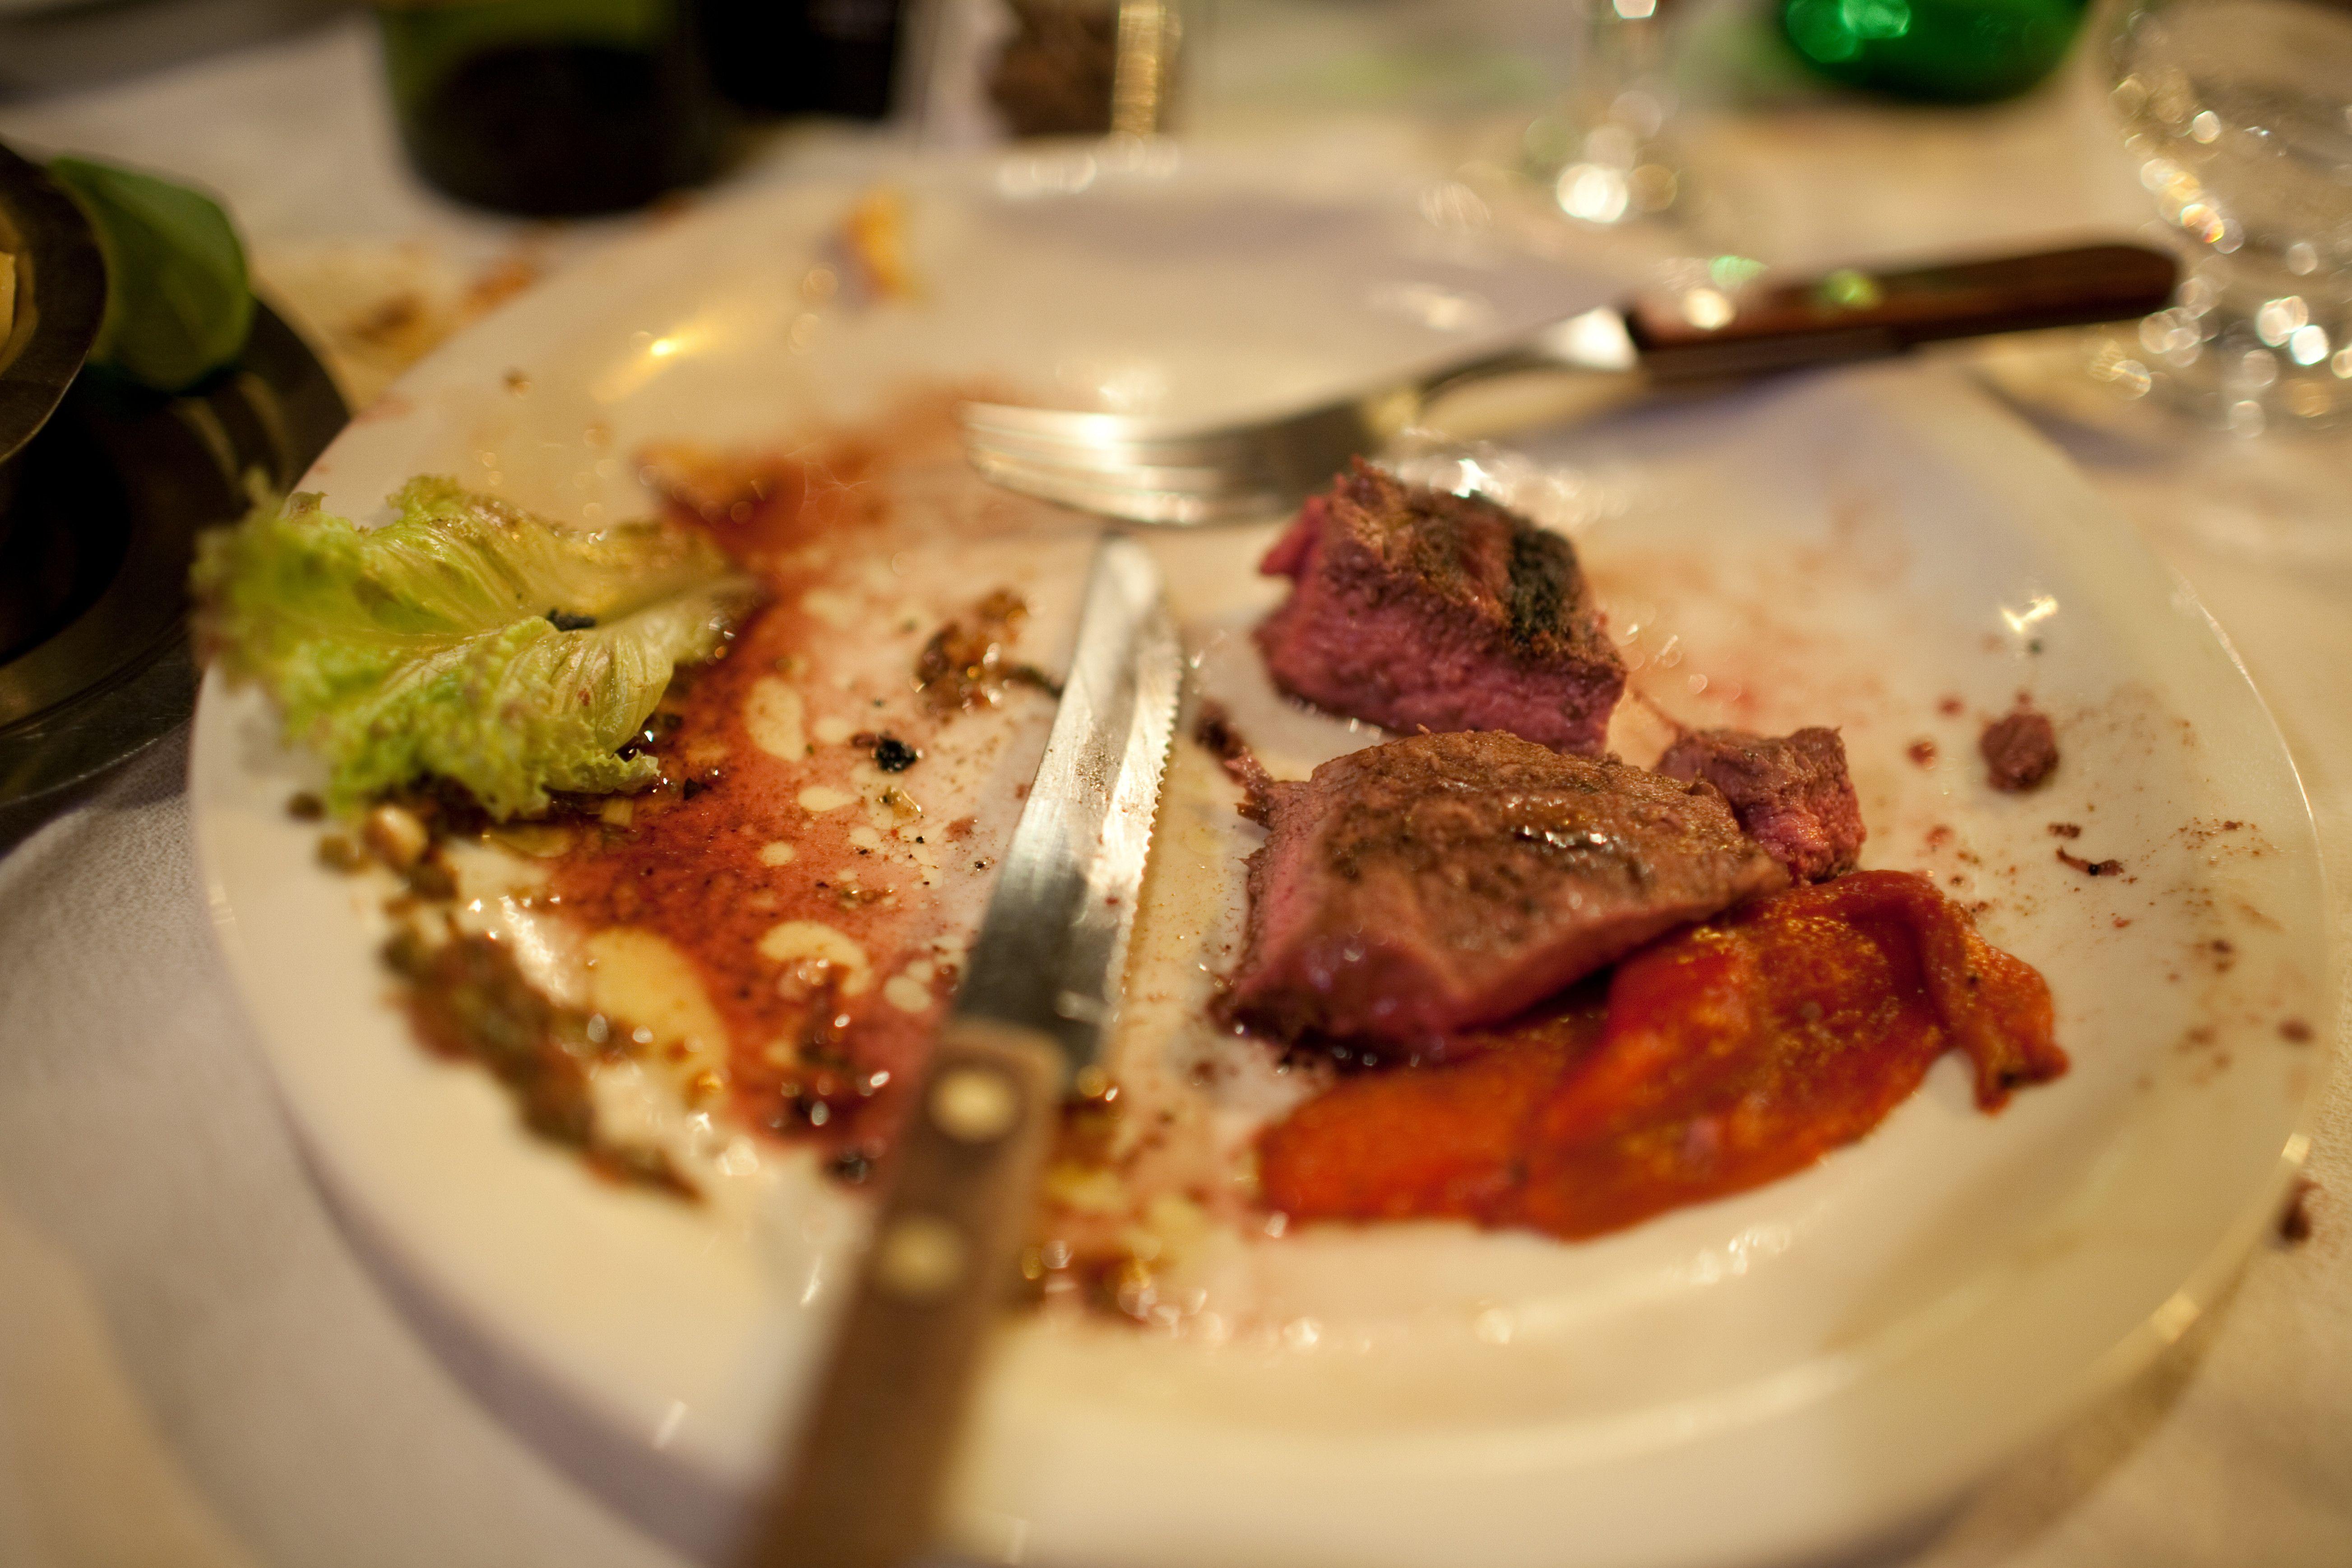 剩菜倒掉浪费,我们可以吃剩菜吗?吃隔夜菜真的会致癌吗?